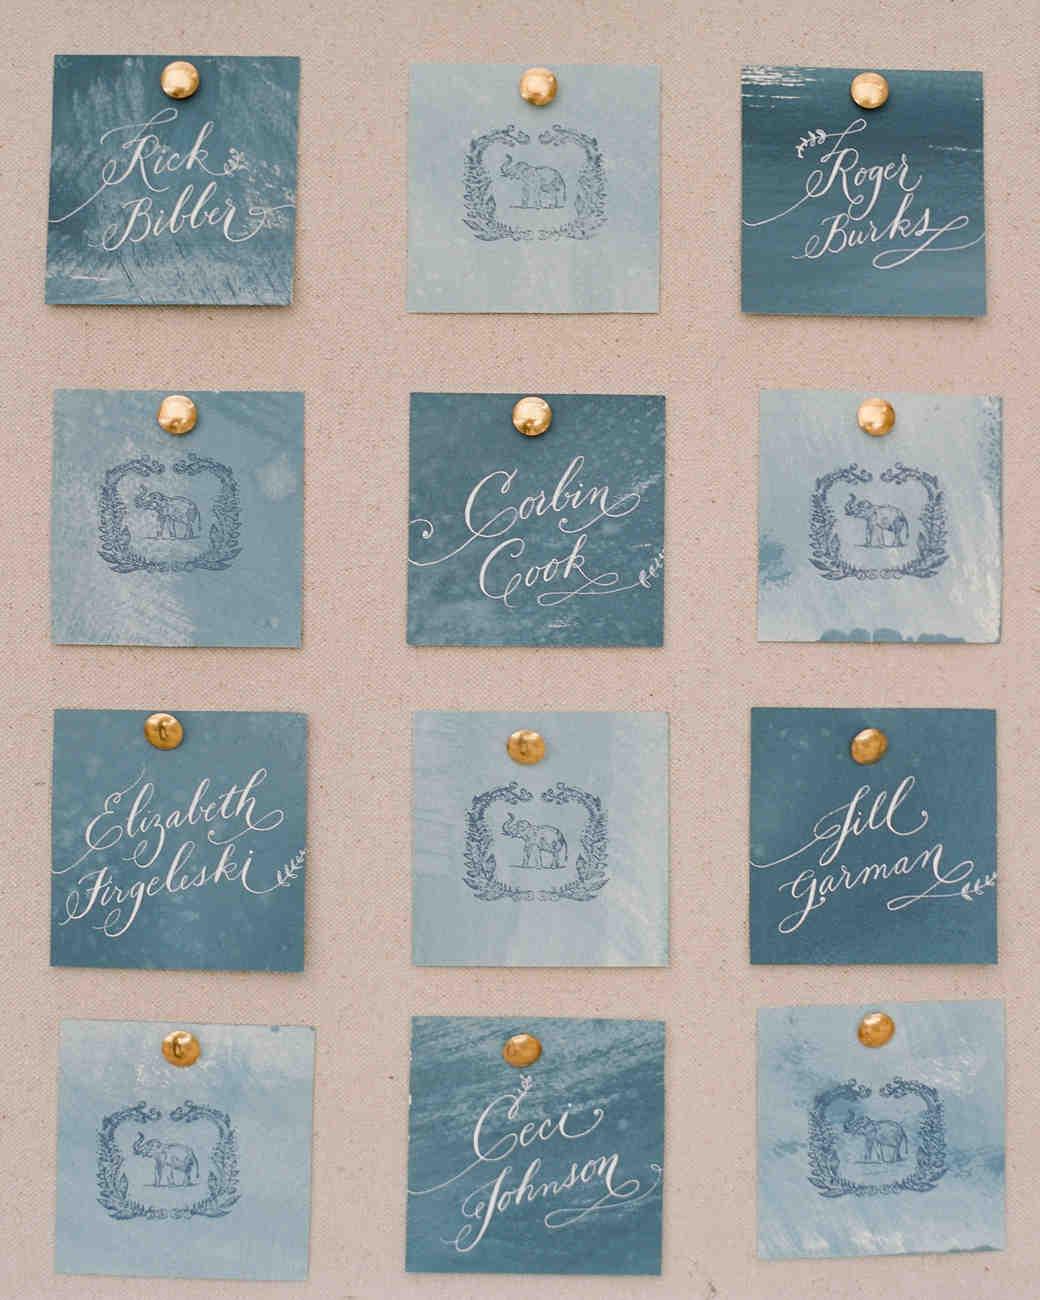 corbin-thatcher-escort-cards-1065-wds109911.jpg